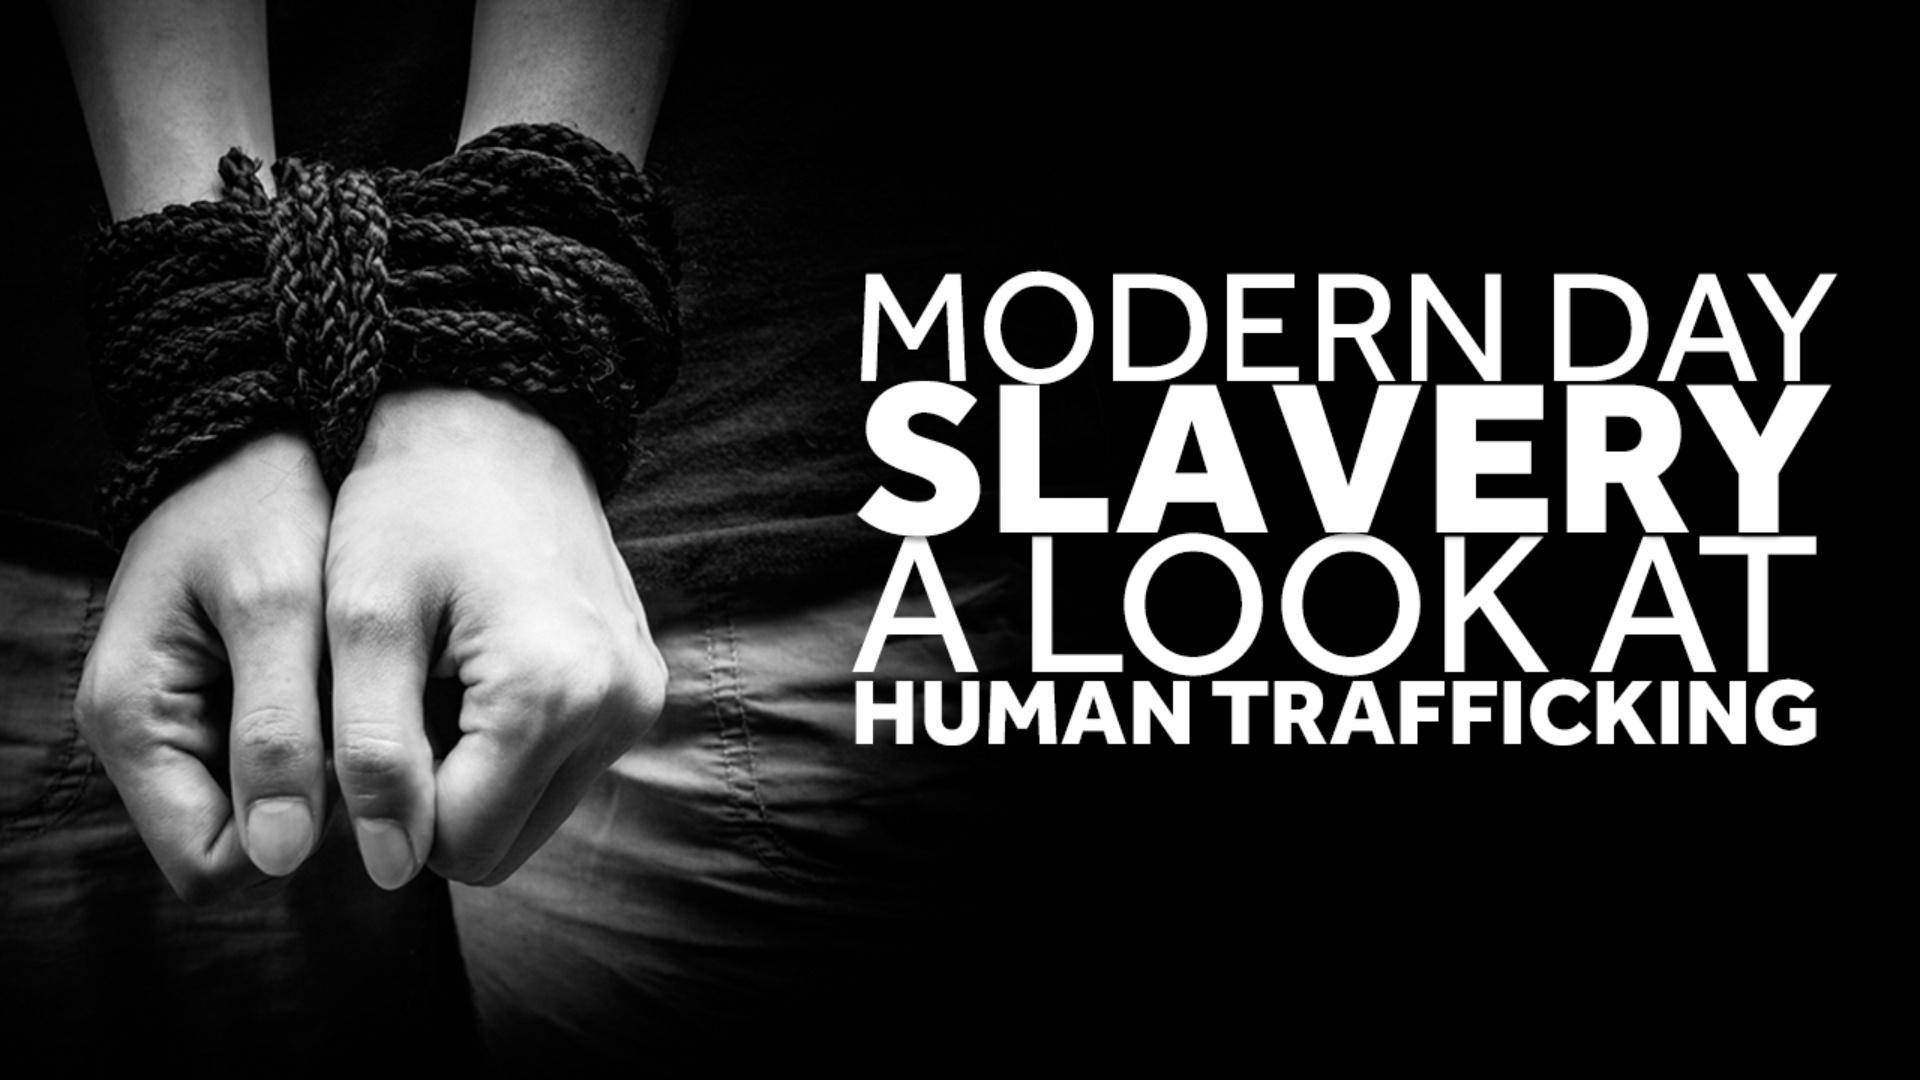 Human trafficking photo.jpg